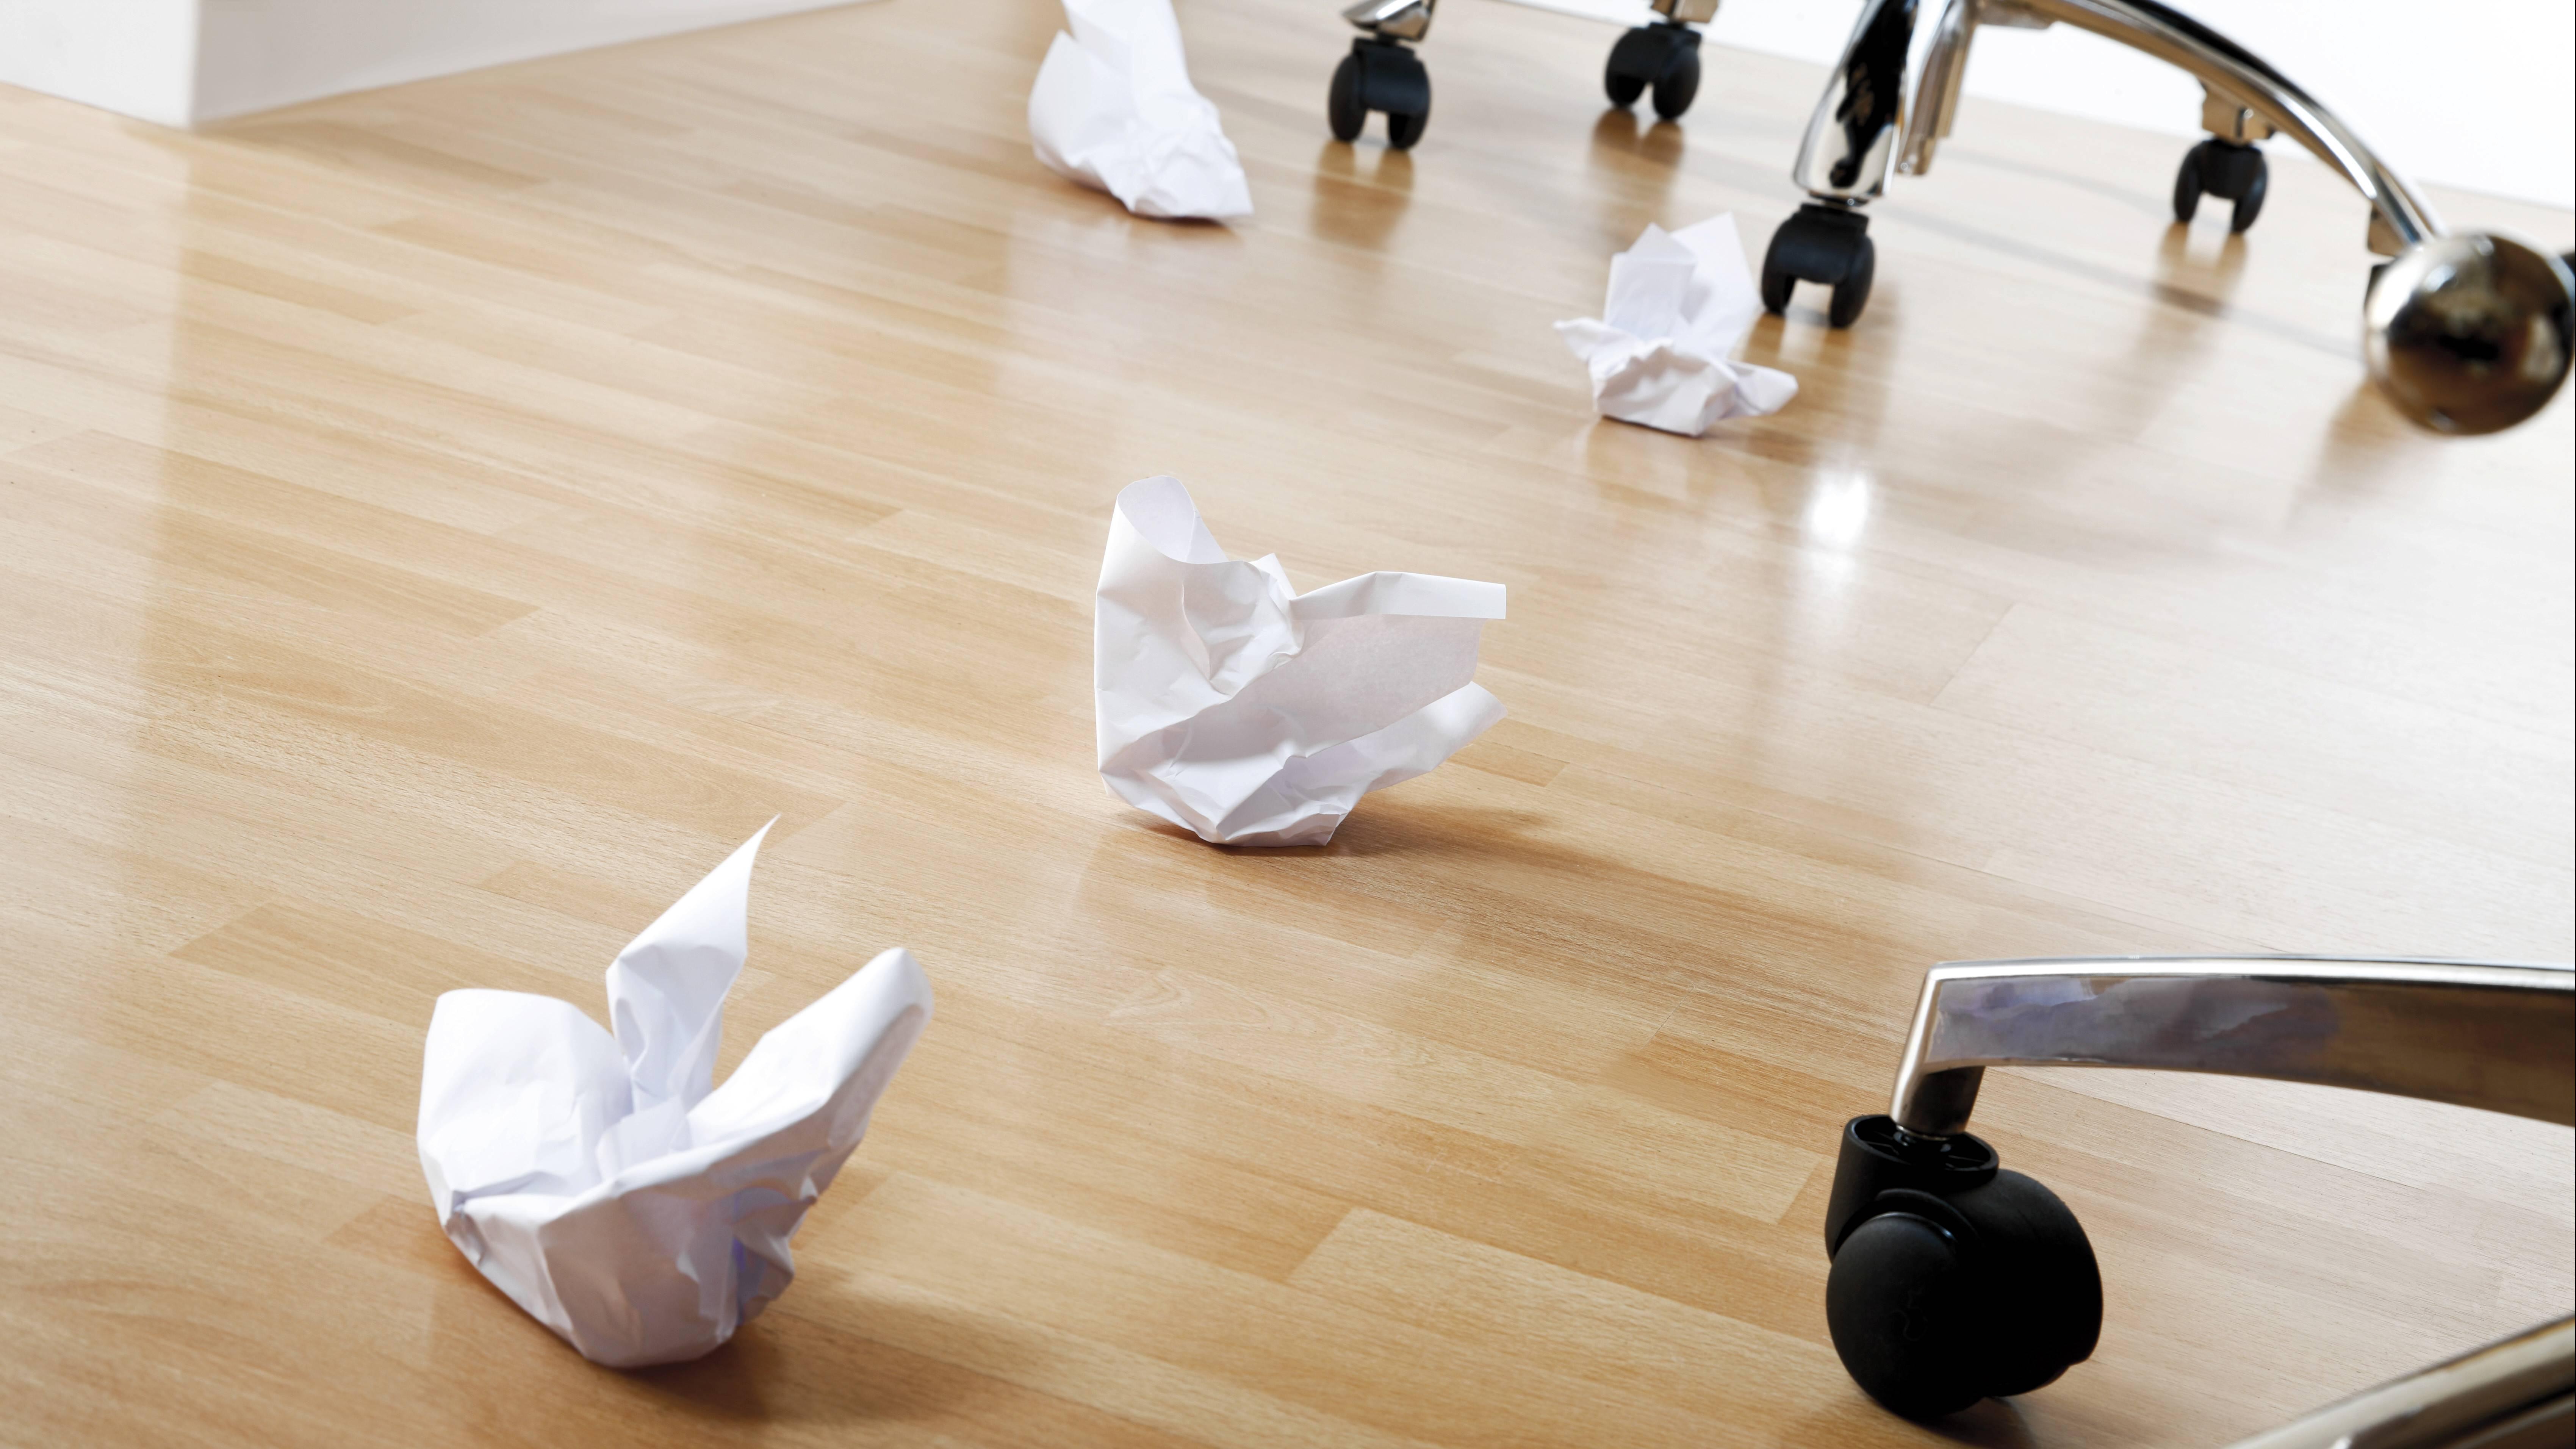 Papier sparen: Die 5 besten Tipps fürs Büro